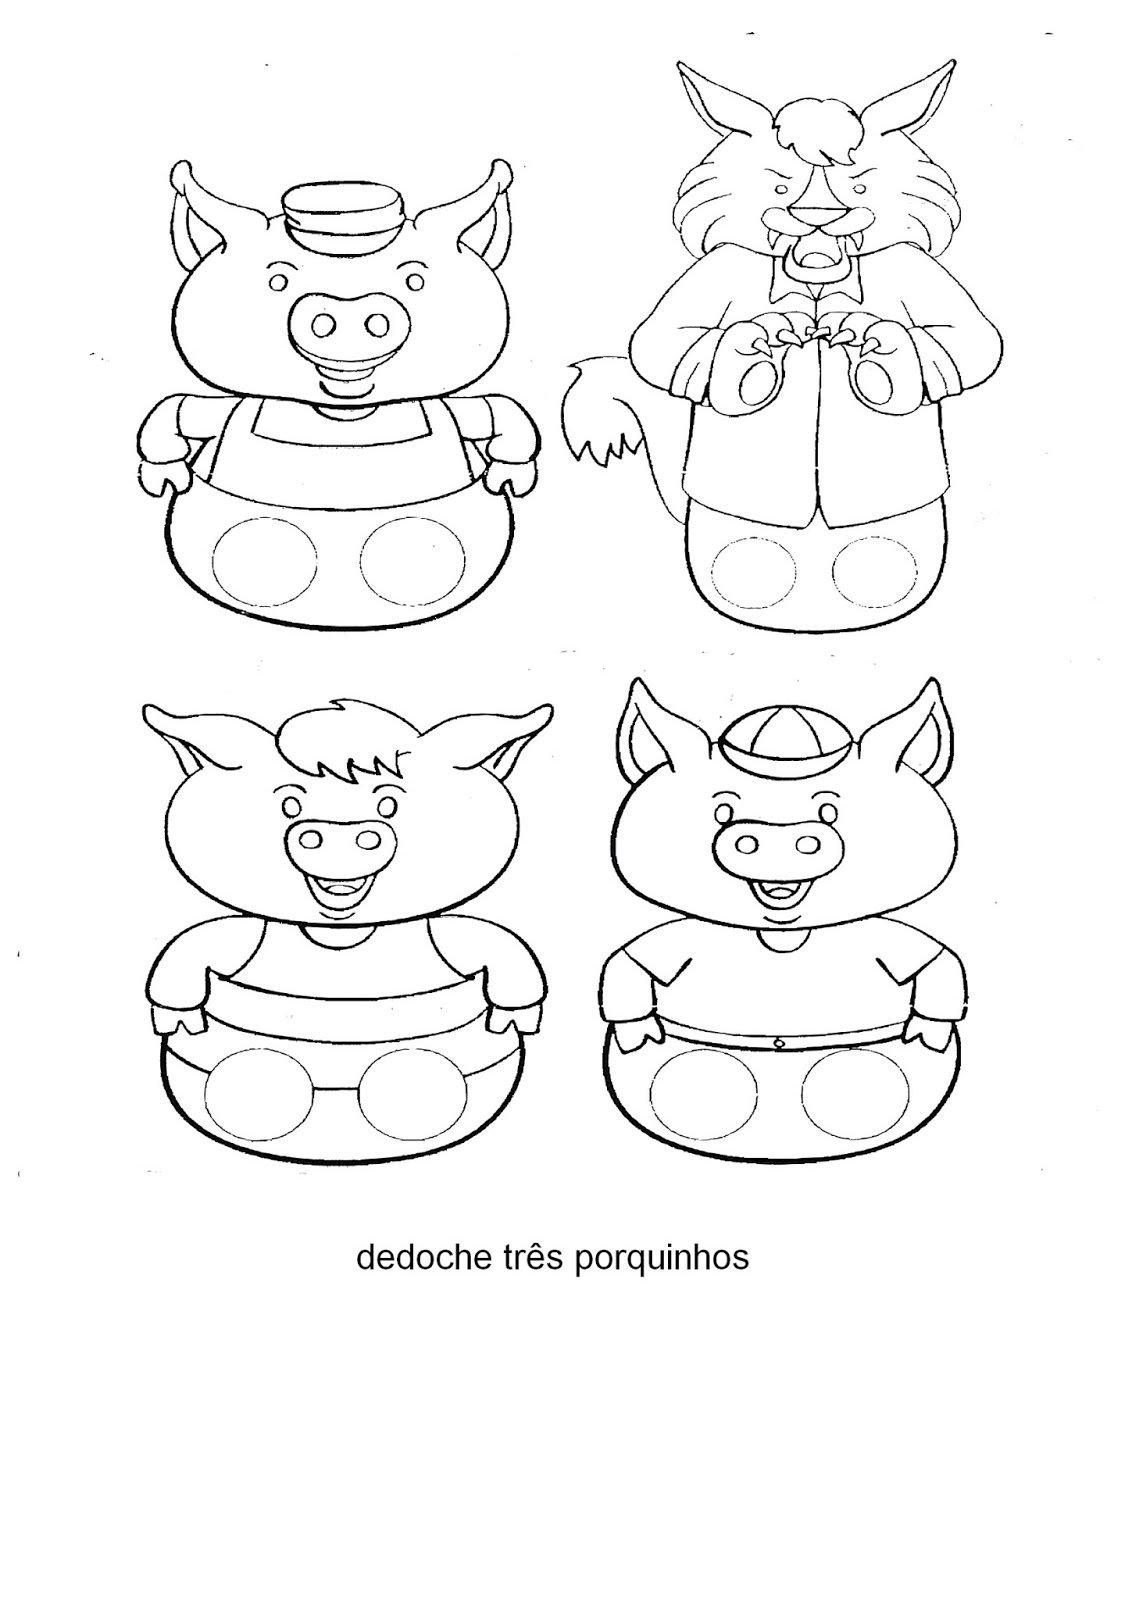 Meus Trabalhos Pedagógicos ®  Dedoches E Fantoches Três Porquinhos